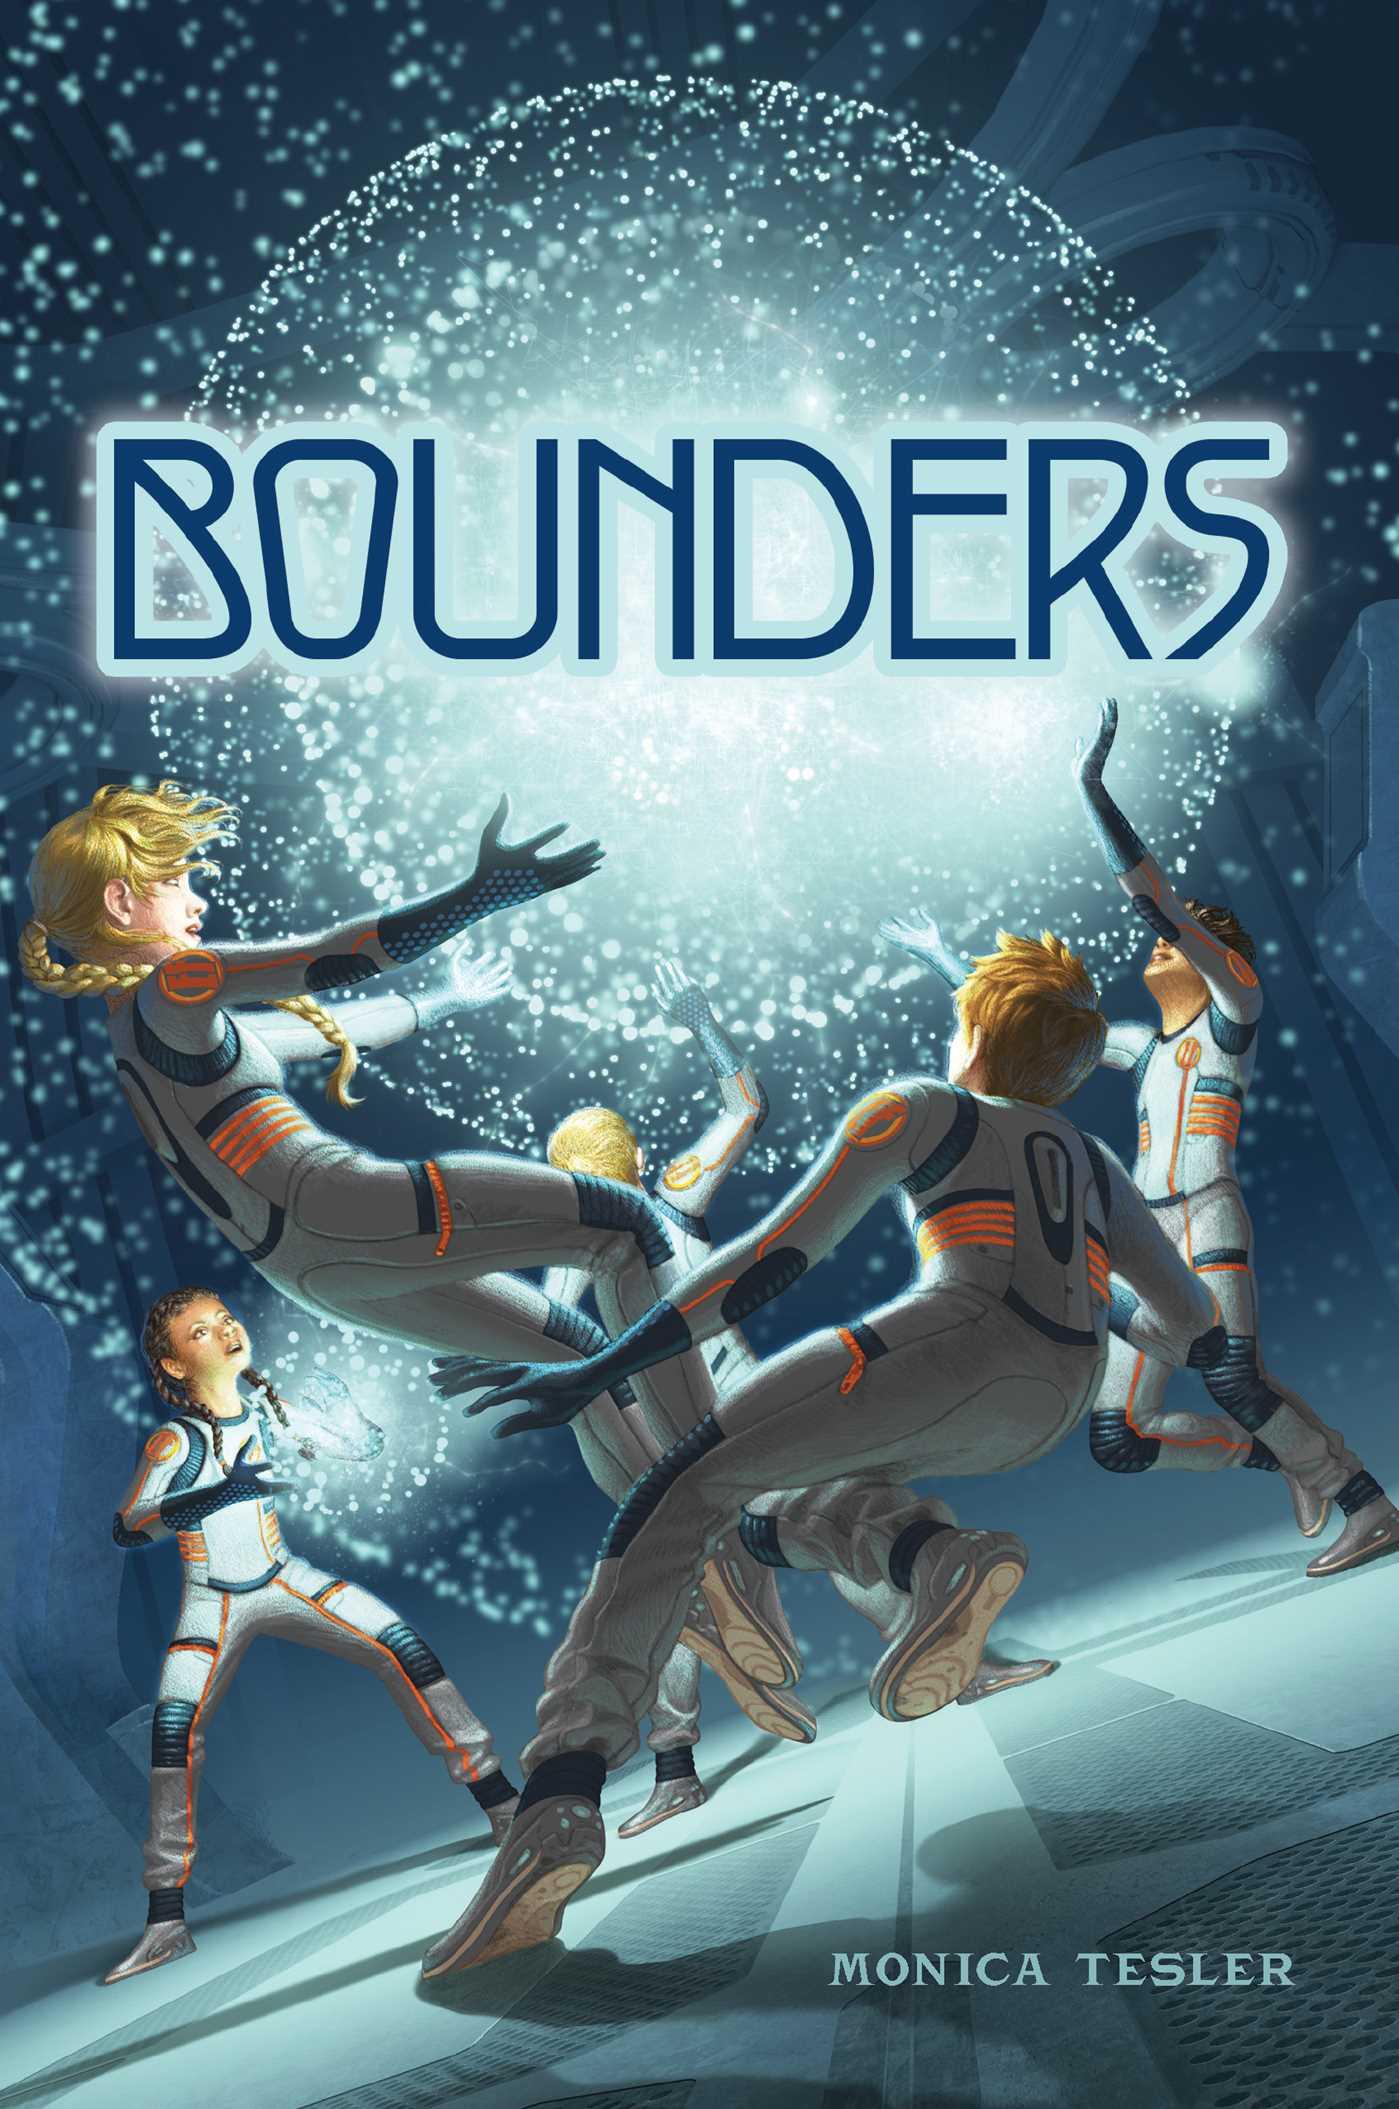 Mundie Kids Children s Book Review Blog  Author Interview     THE SPECTRUM